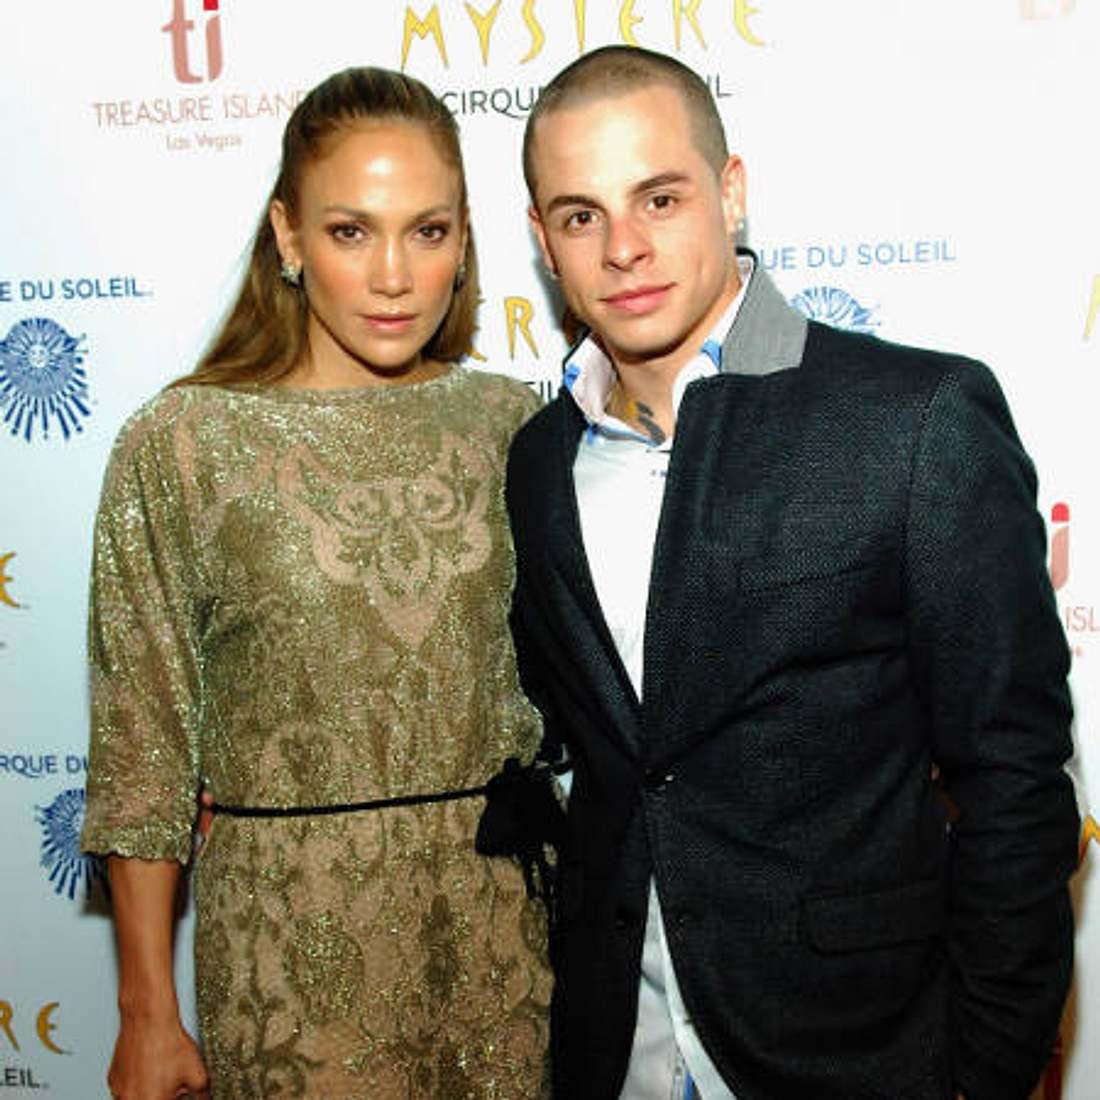 Nutzt Casper Smart Jennifer Lopez nur aus?